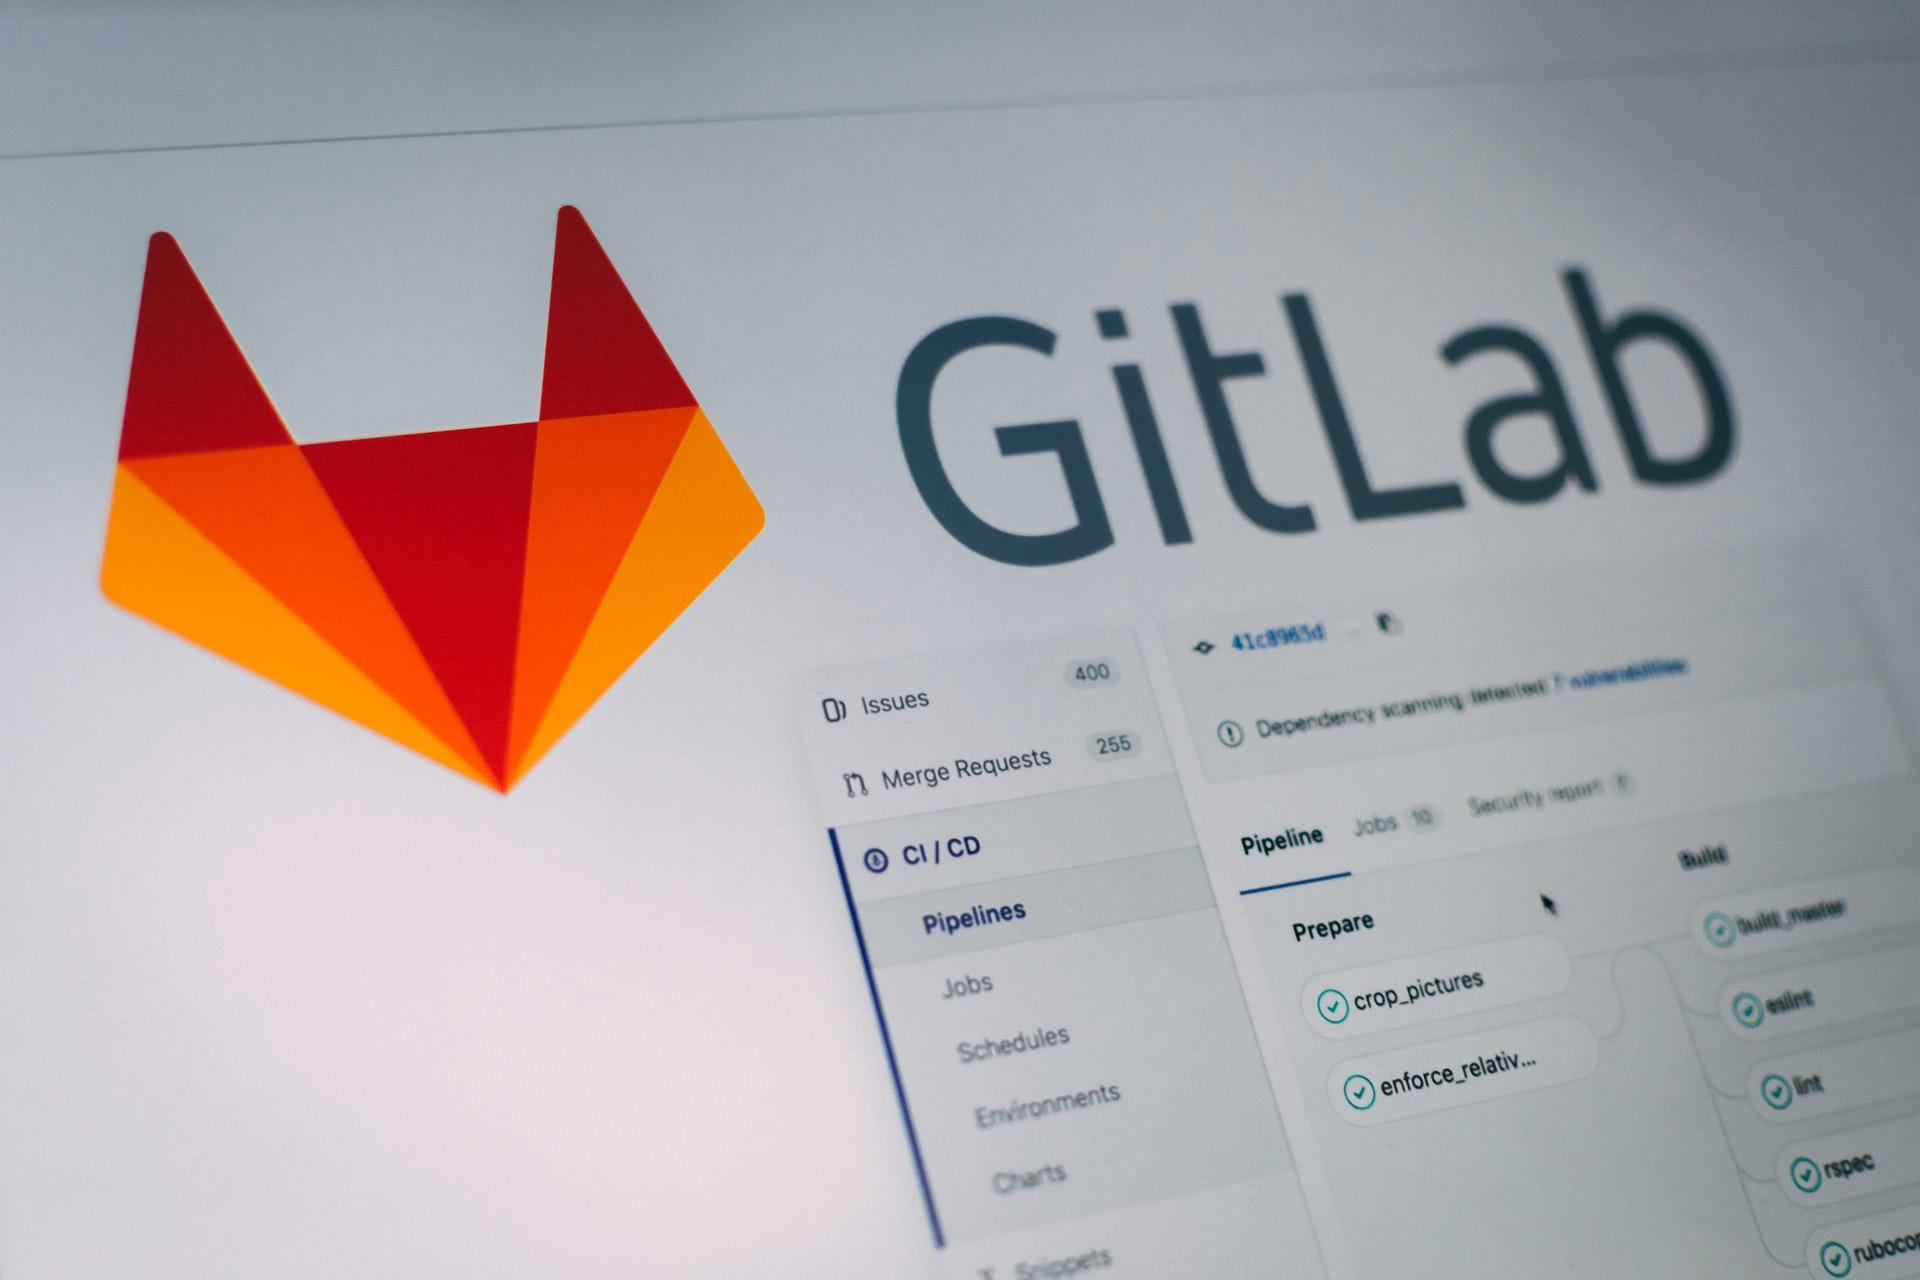 딥러닝 프로젝트 100% 재현을 위한 Git-LFS와 Gitlab